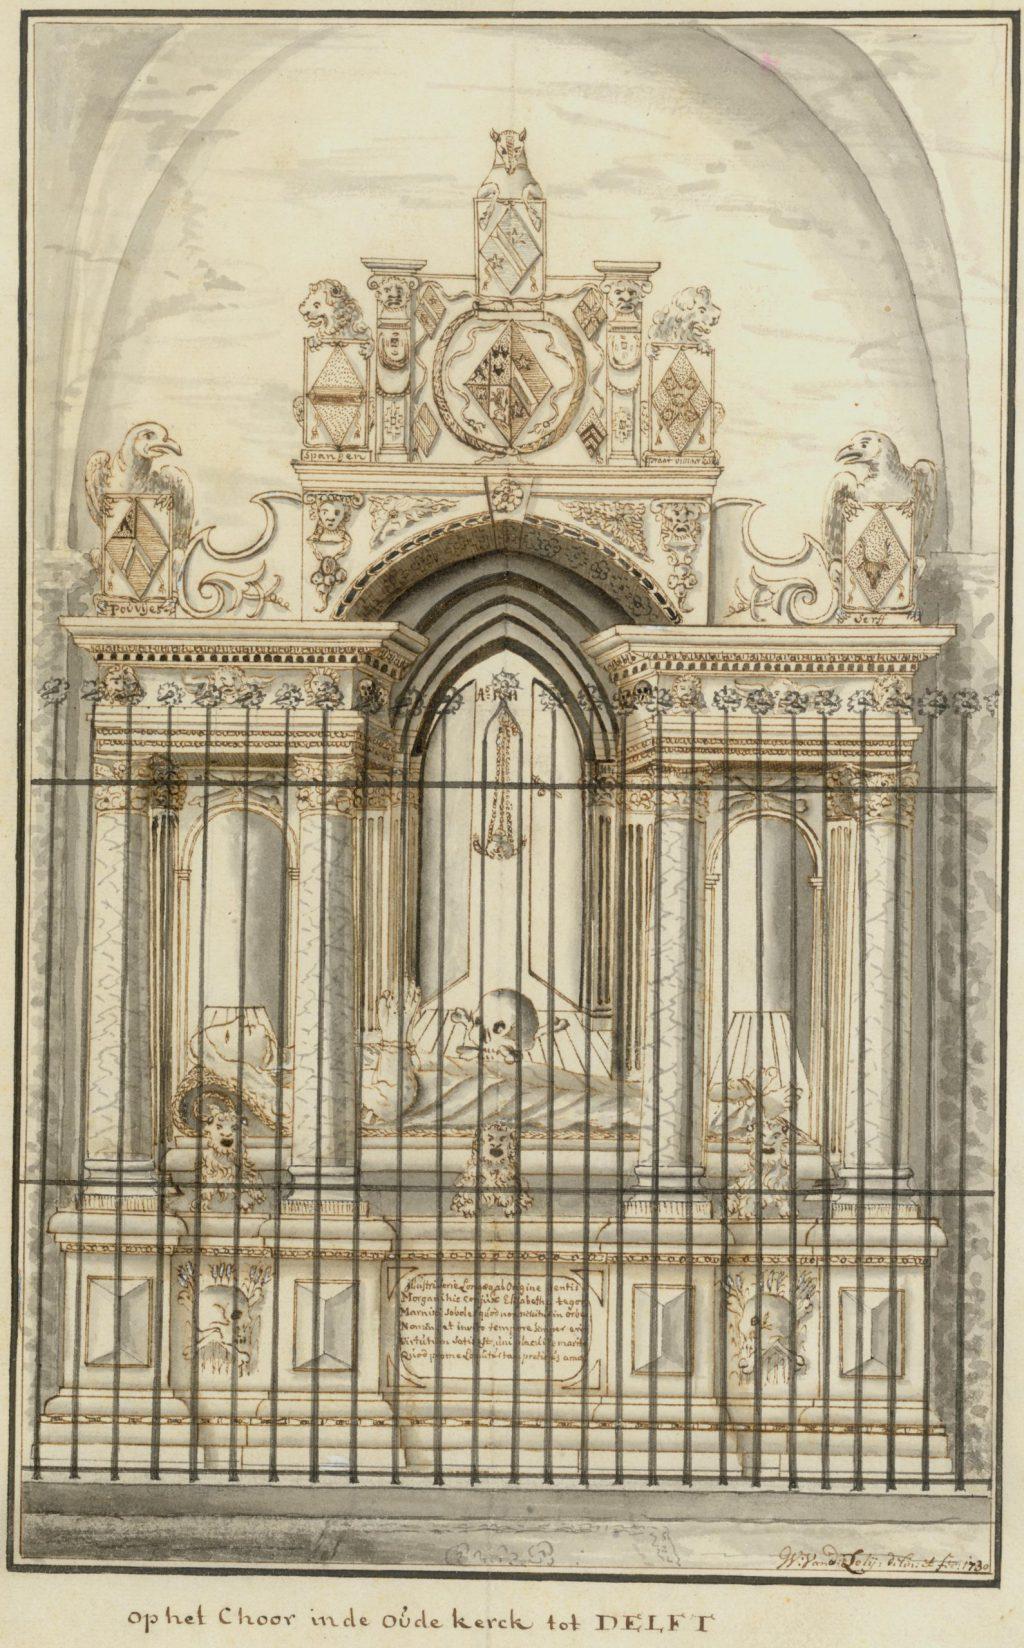 Tekening van de graftombe van Elisabeth Morgan door Willem van der Lely, 1730 (TMS 68841)